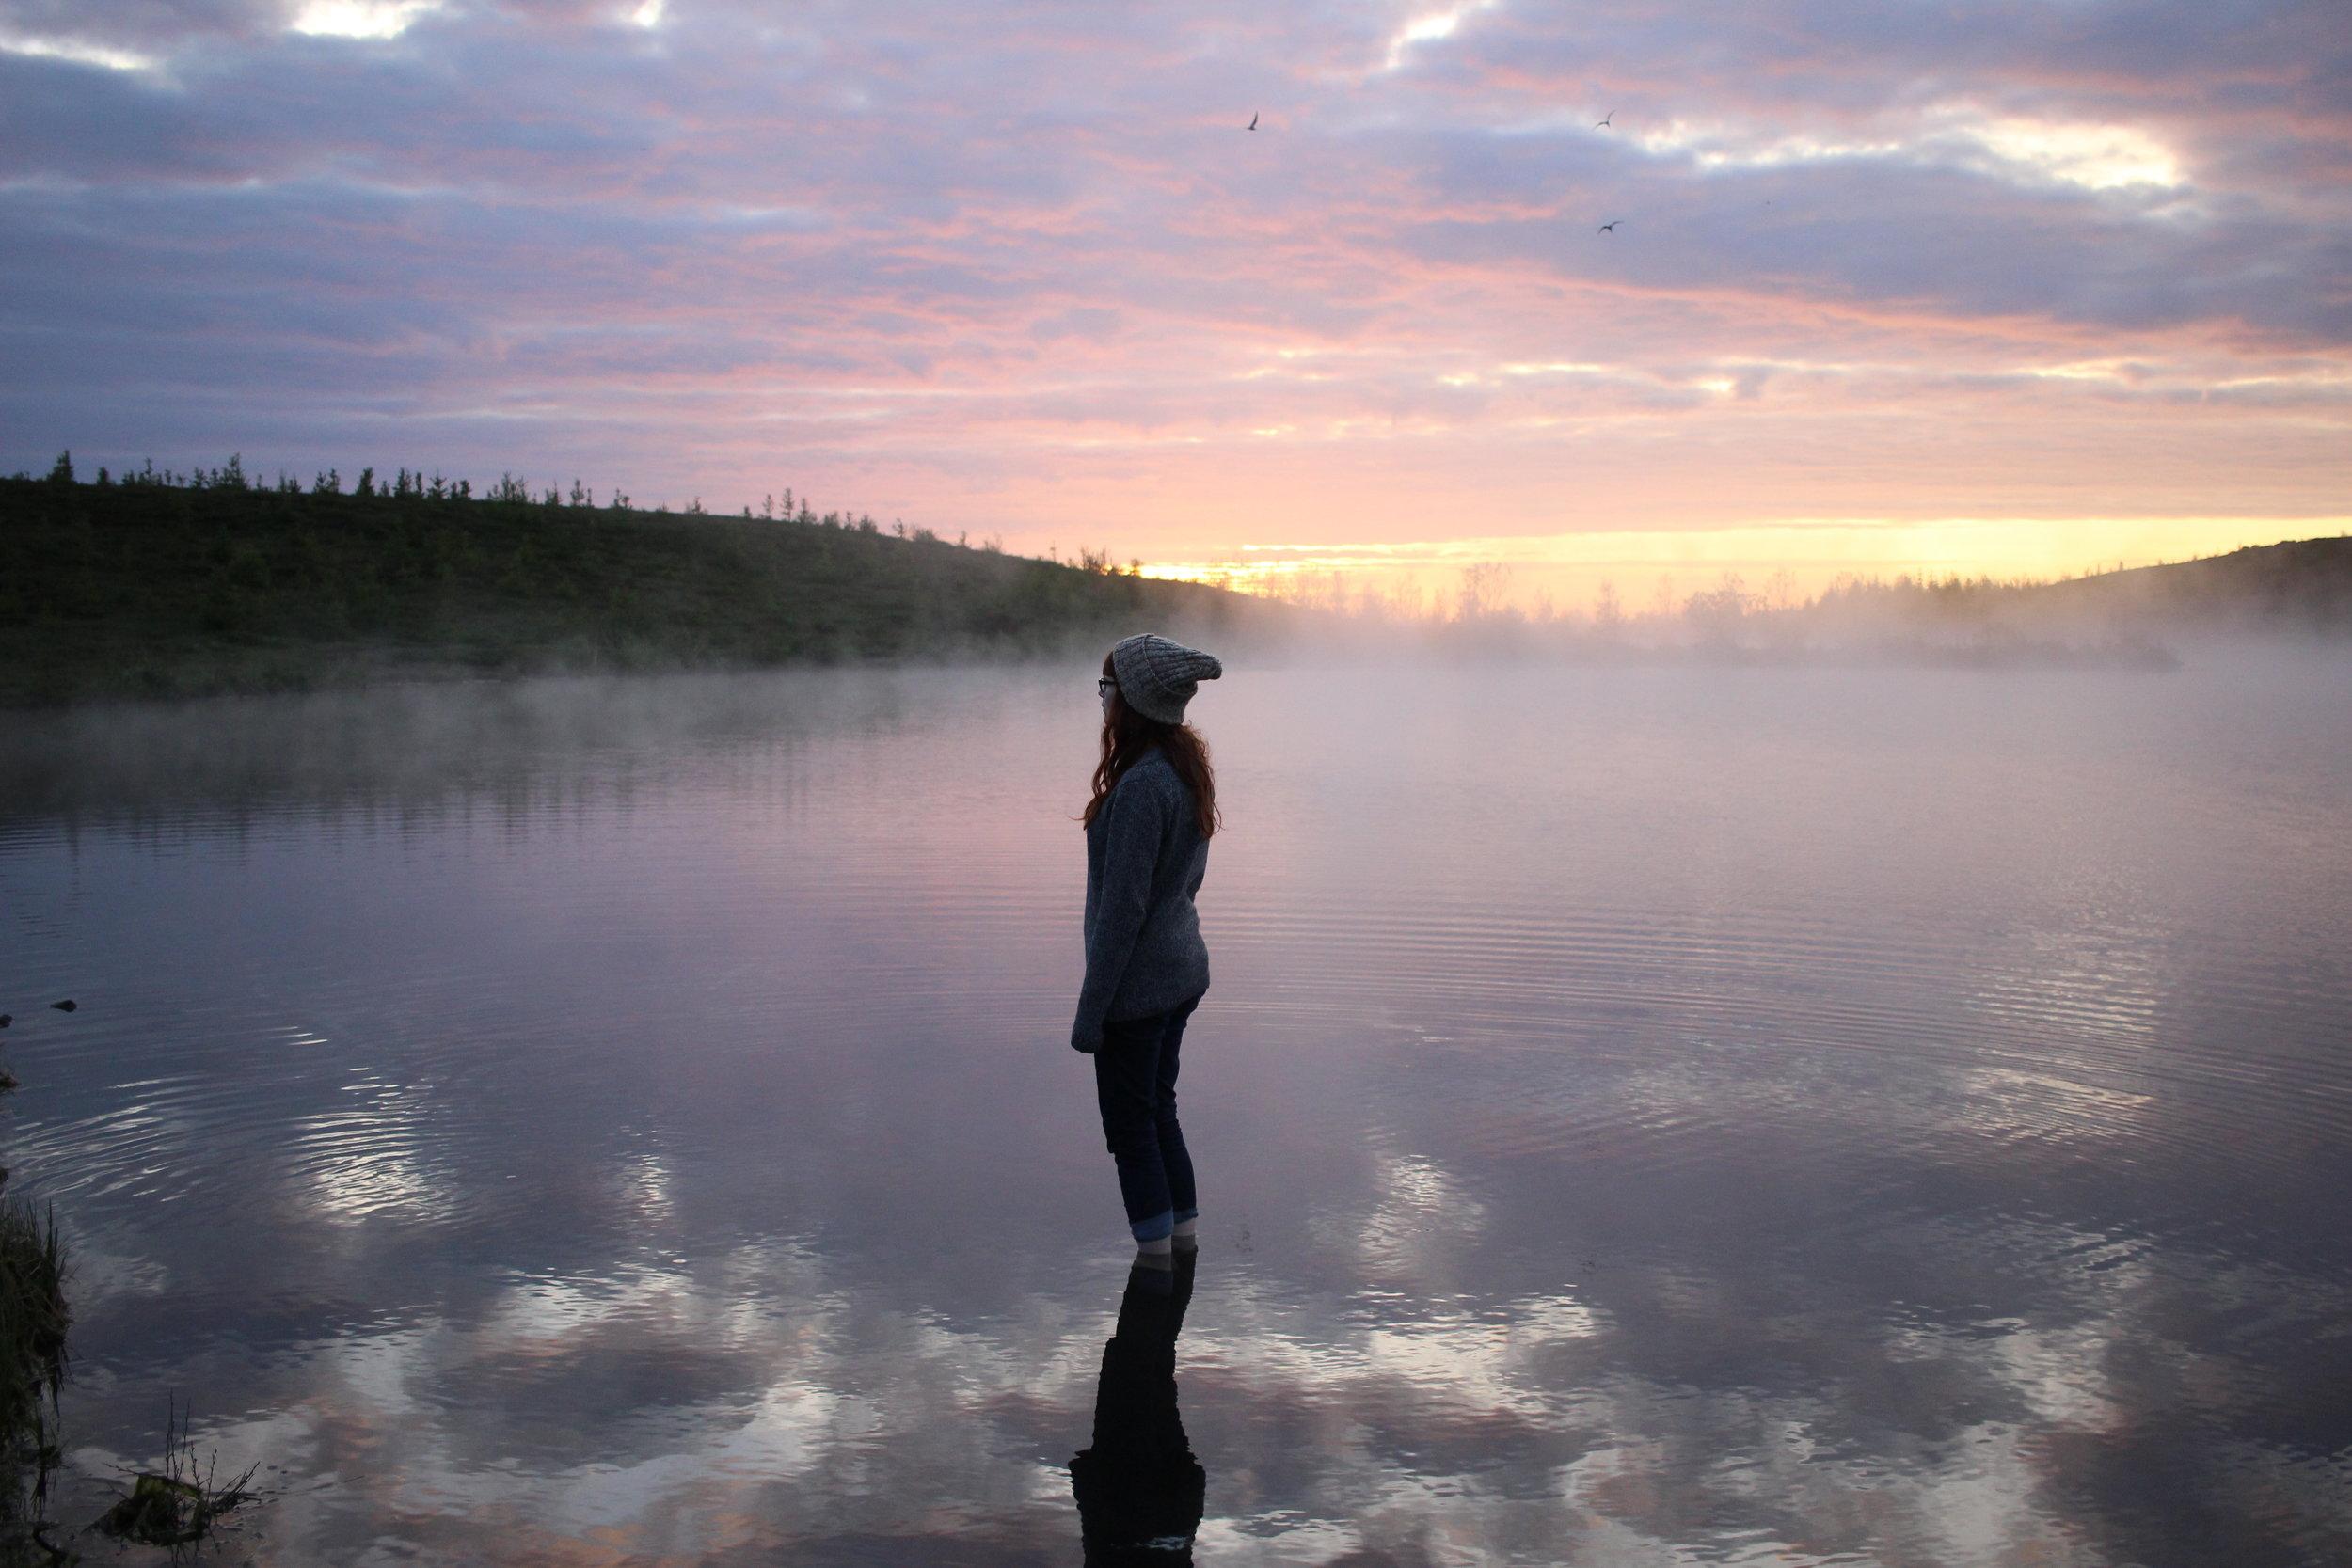 Iceland lake under sunset